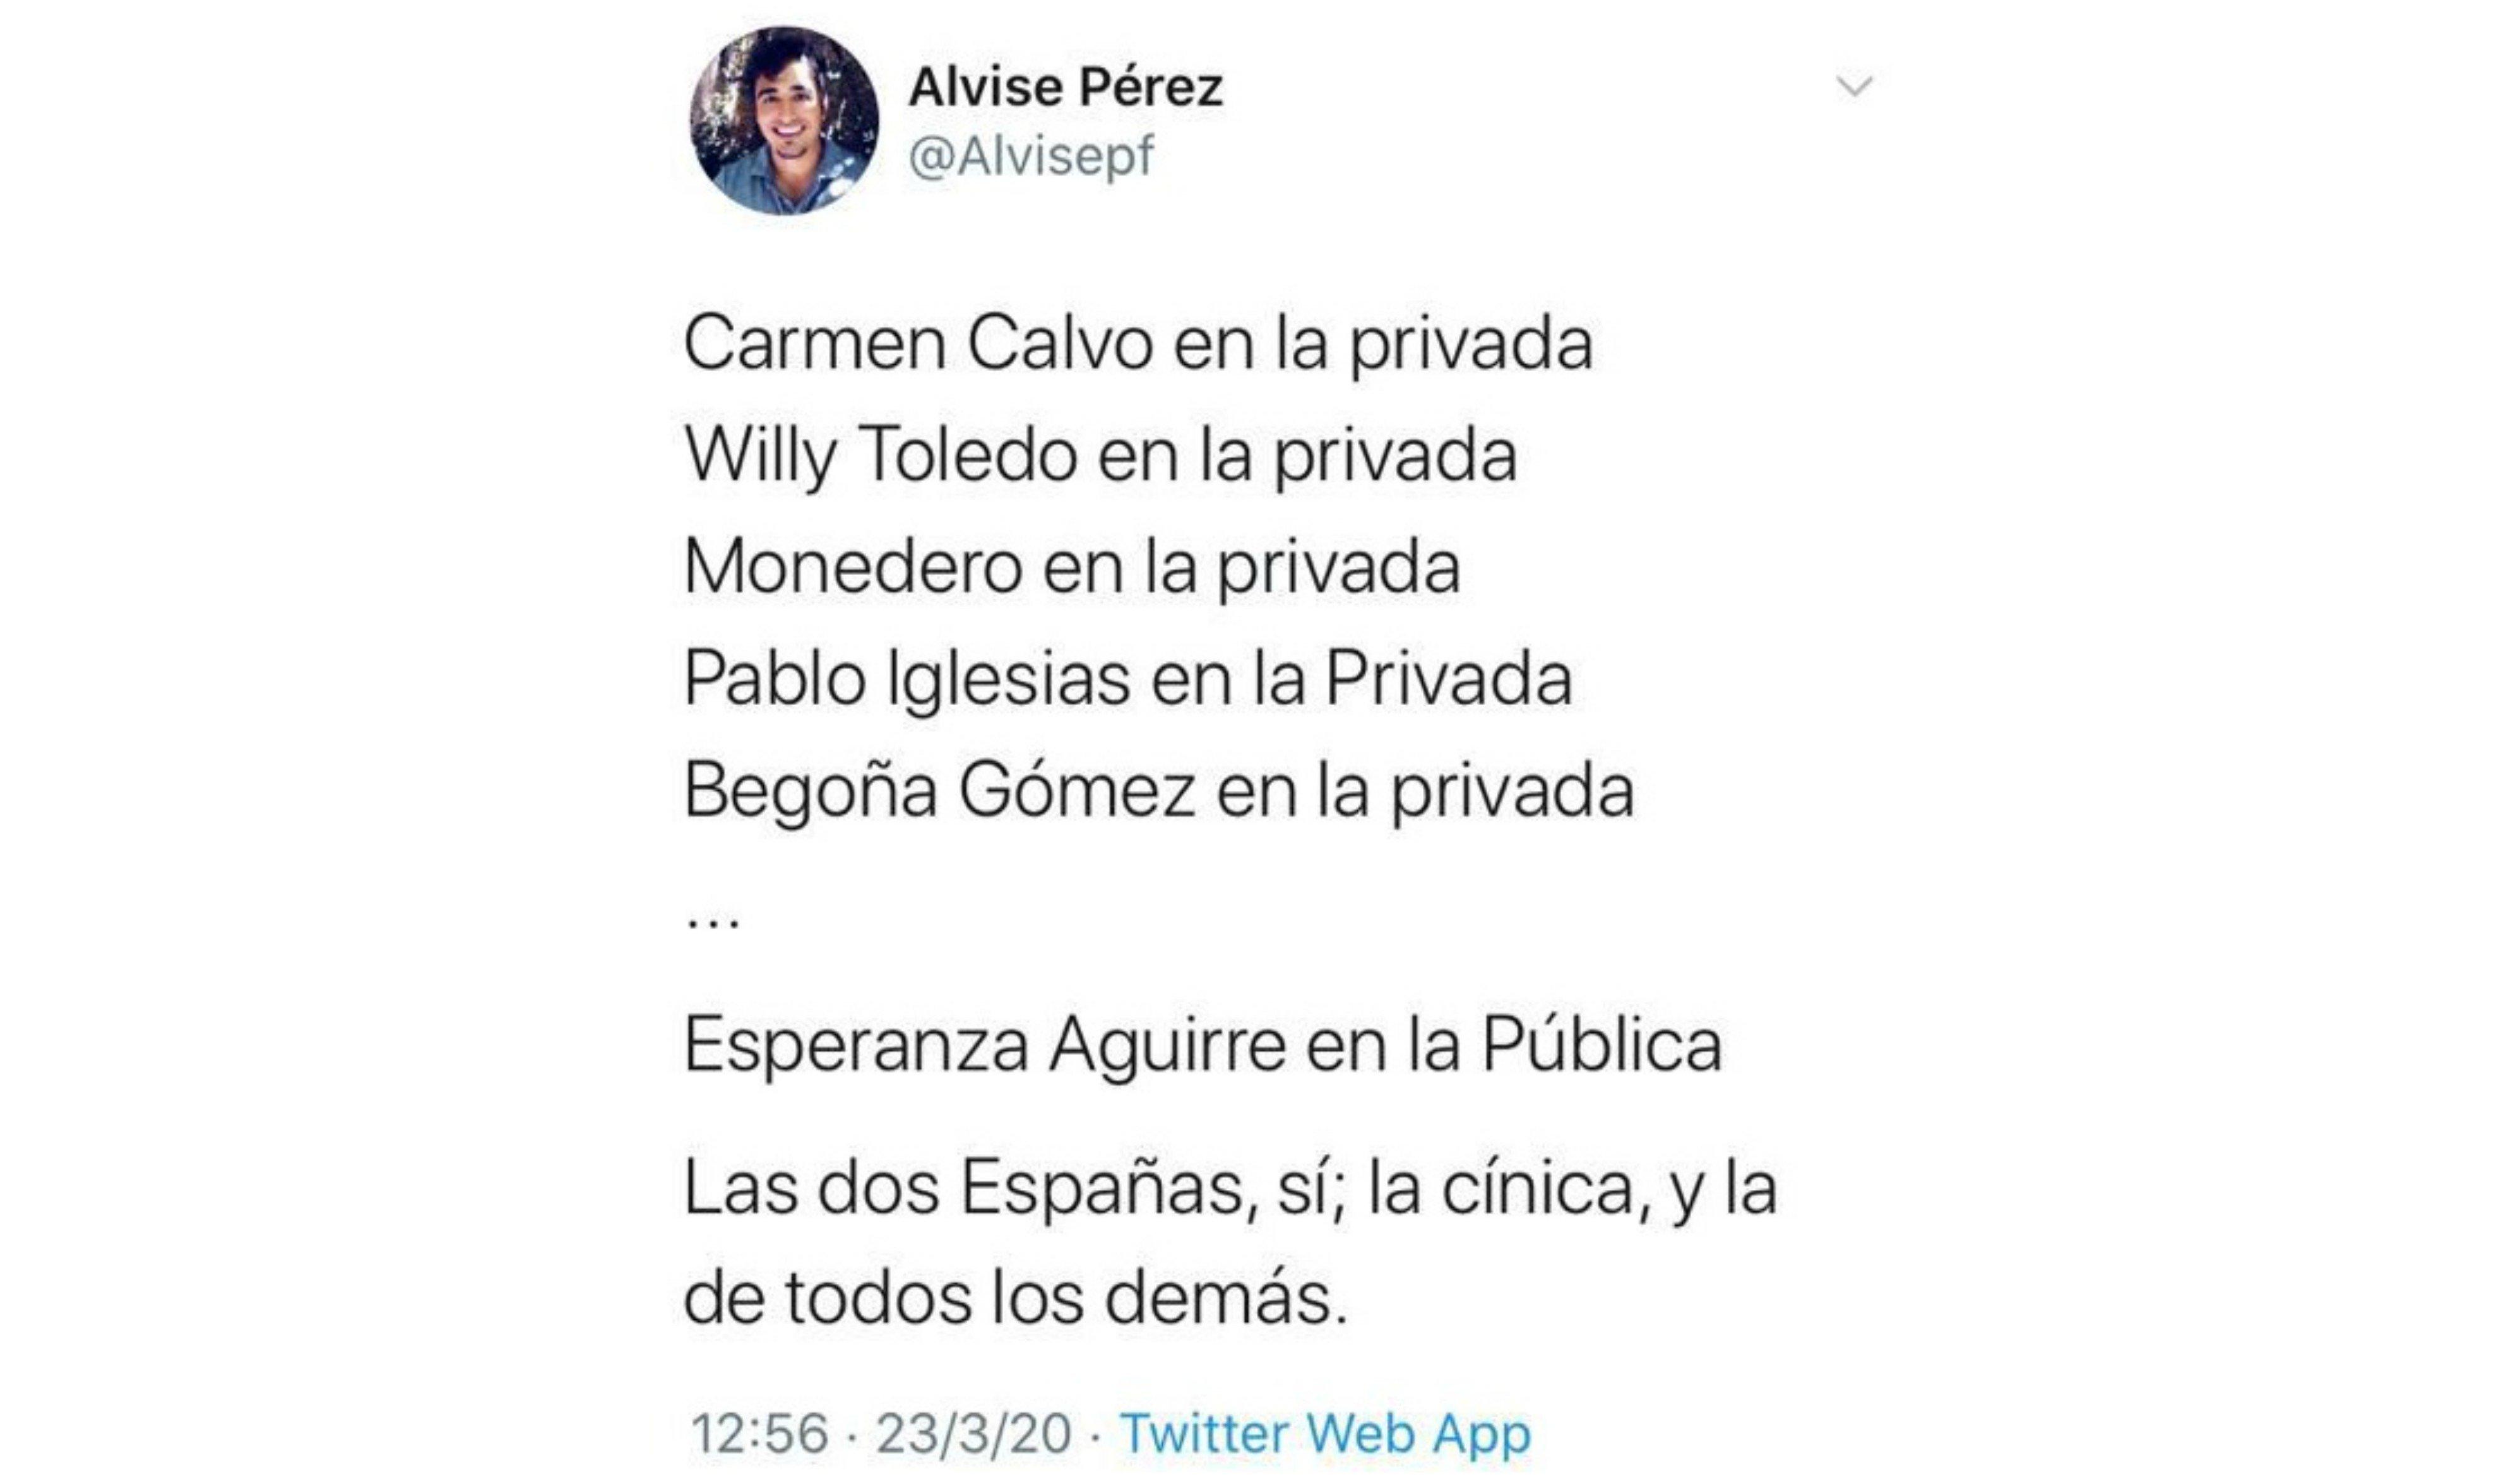 Las dos Españas... la socialista Carmen Calvo en la Ruber, la pepera y corruptísima Esperanza Aguirre, en la sanidad pública